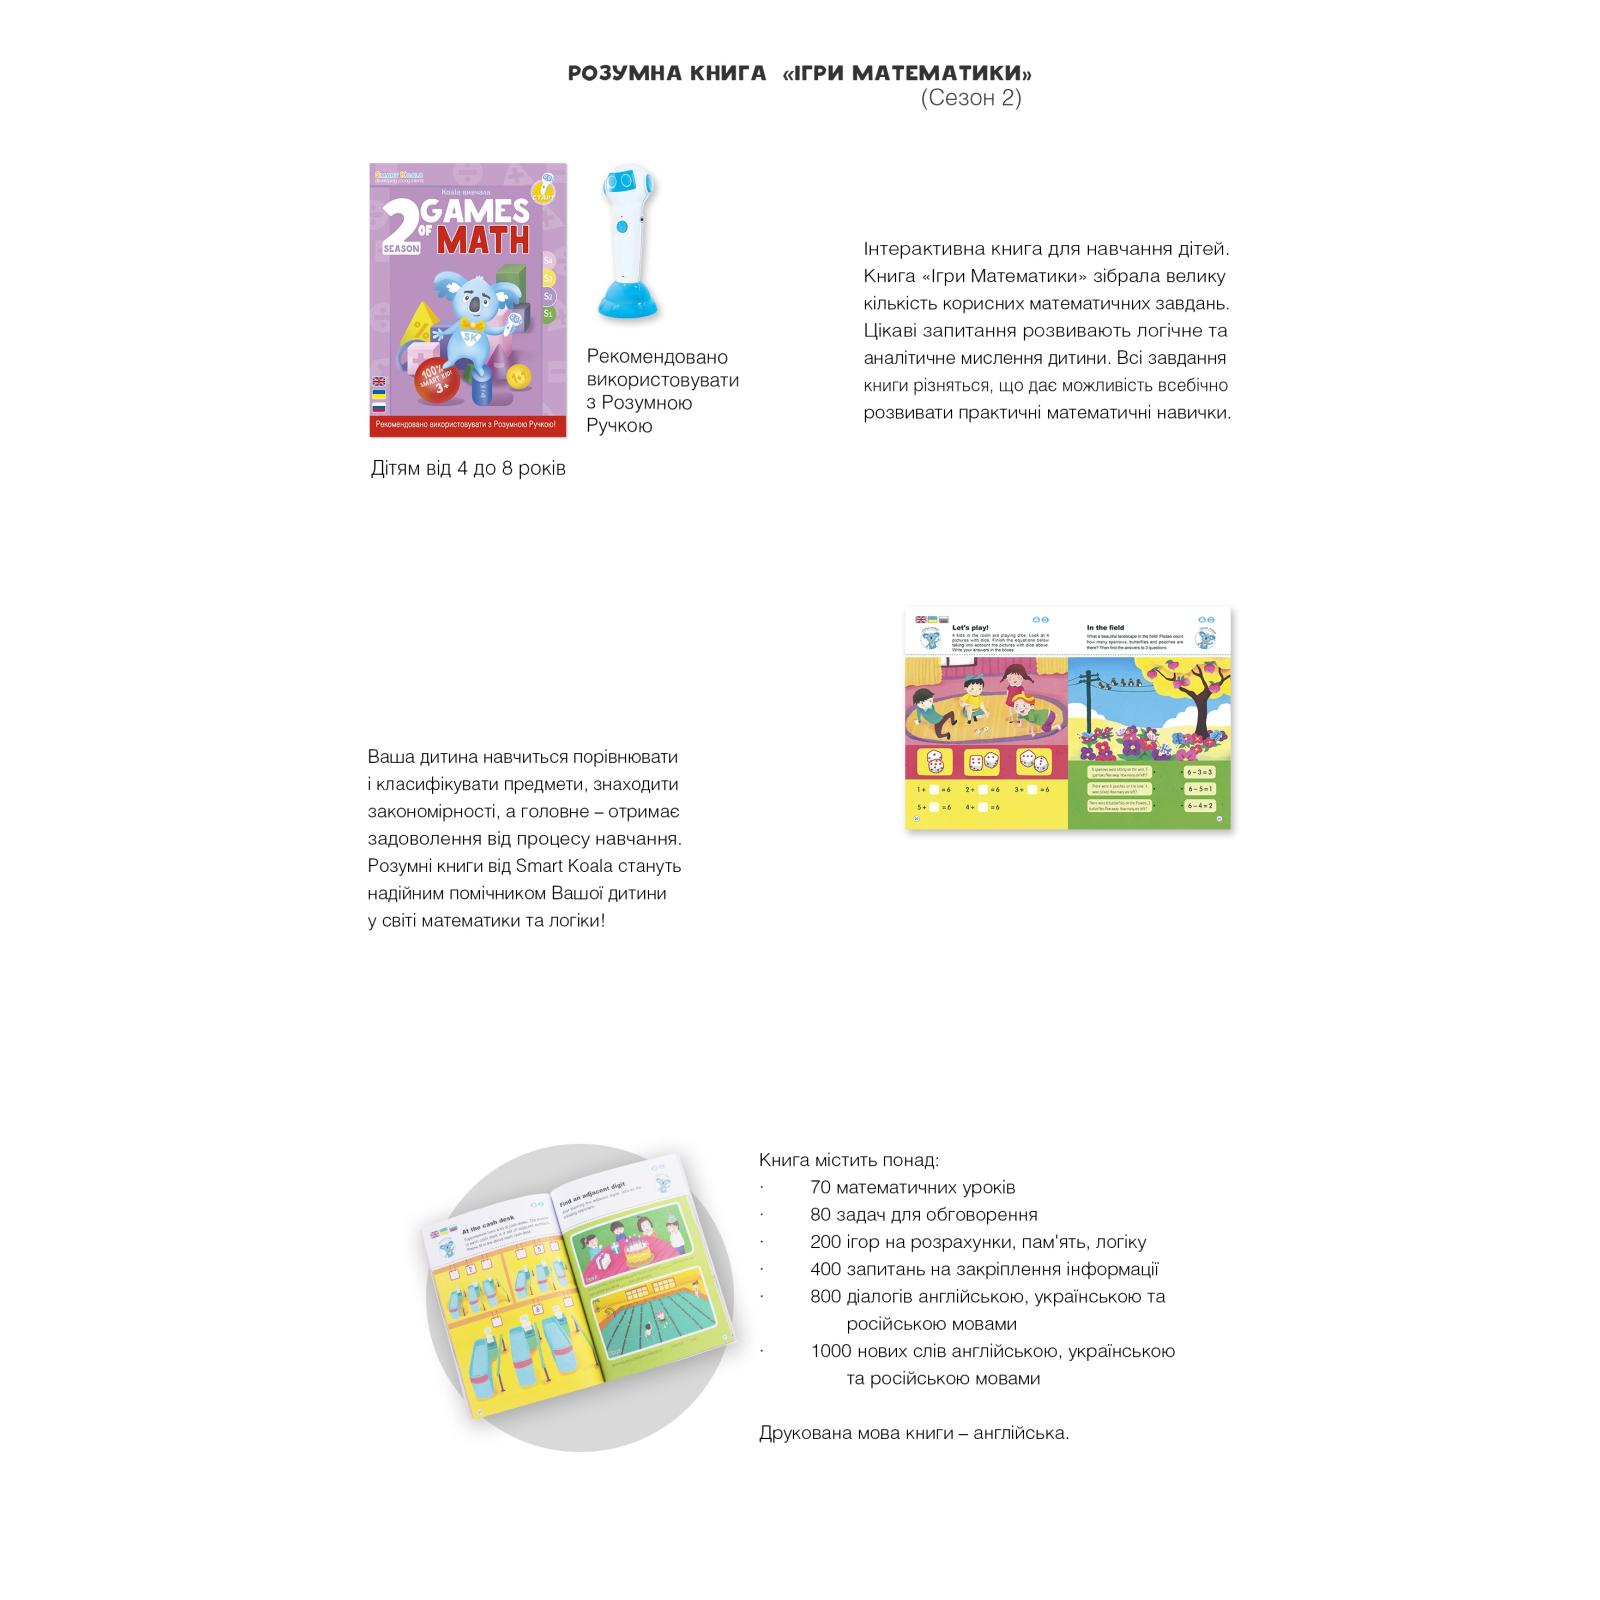 Интерактивная игрушка Smart Koala развивающая книга The Games of Math (Season 2) №2 (SKBGMS2) изображение 4